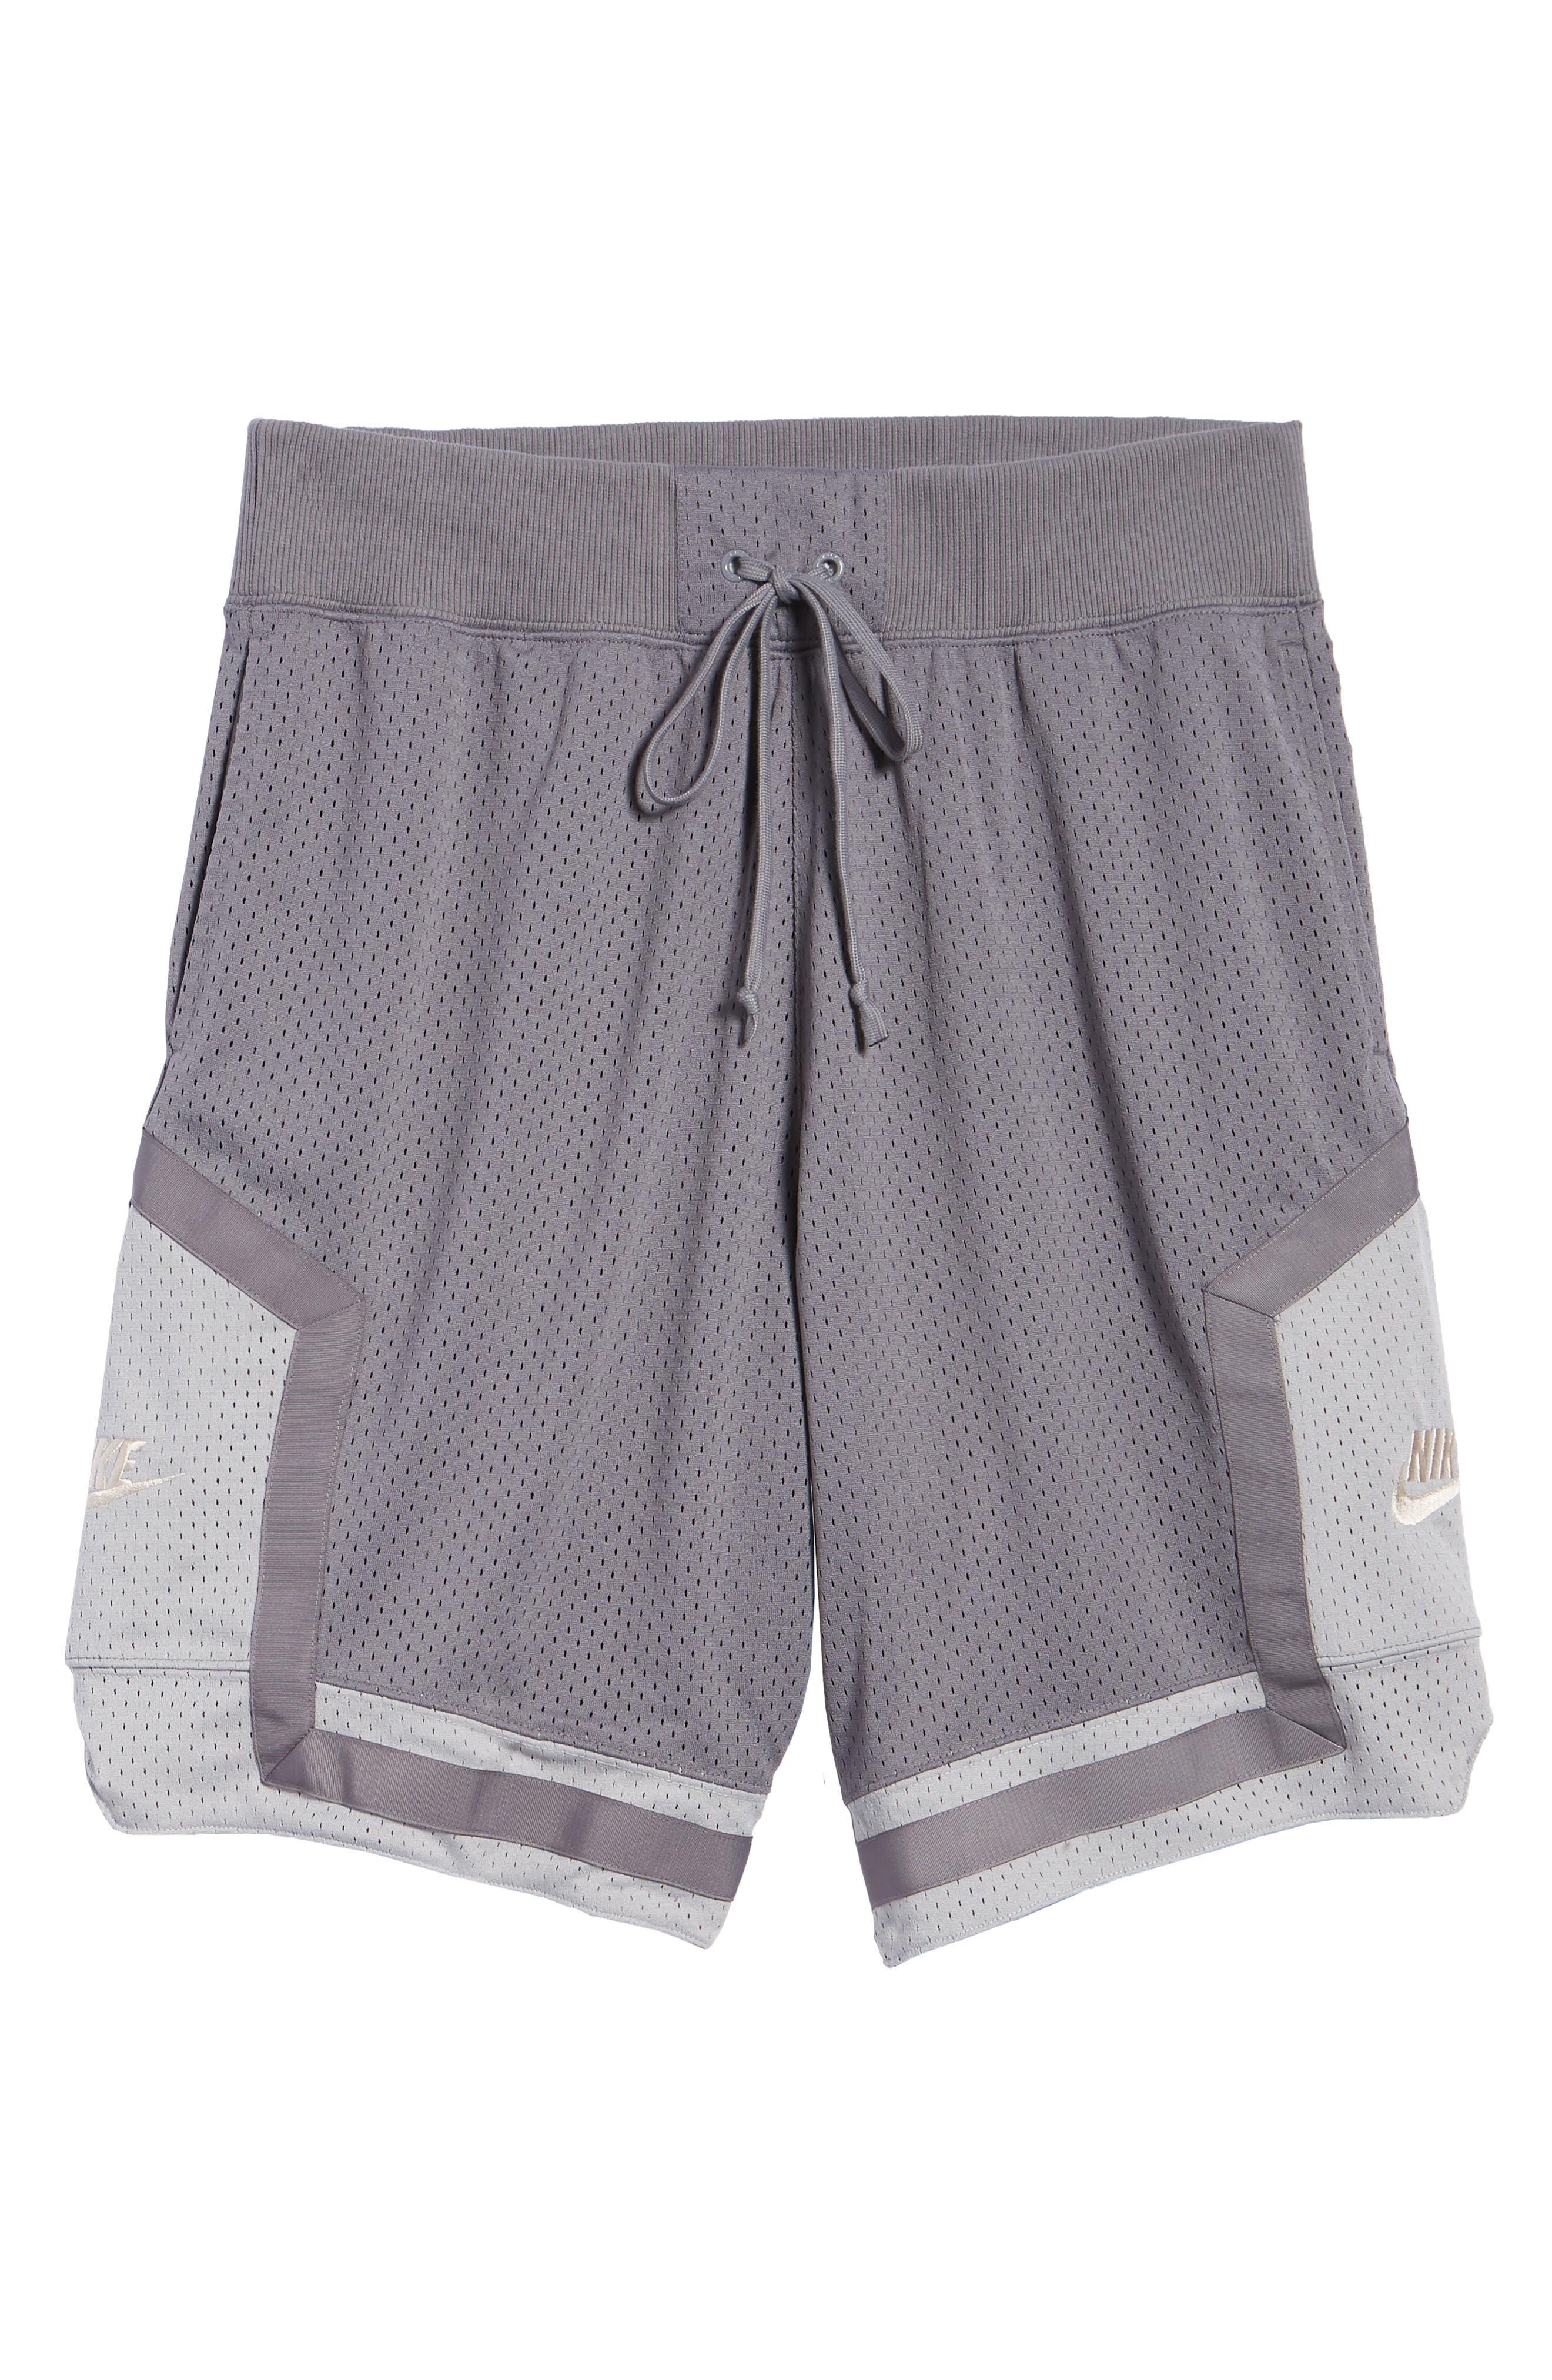 NSW AF1 Shorts,                             Alternate thumbnail 6, color,                             GUNSMOKE/ GREY/ OREWOOD